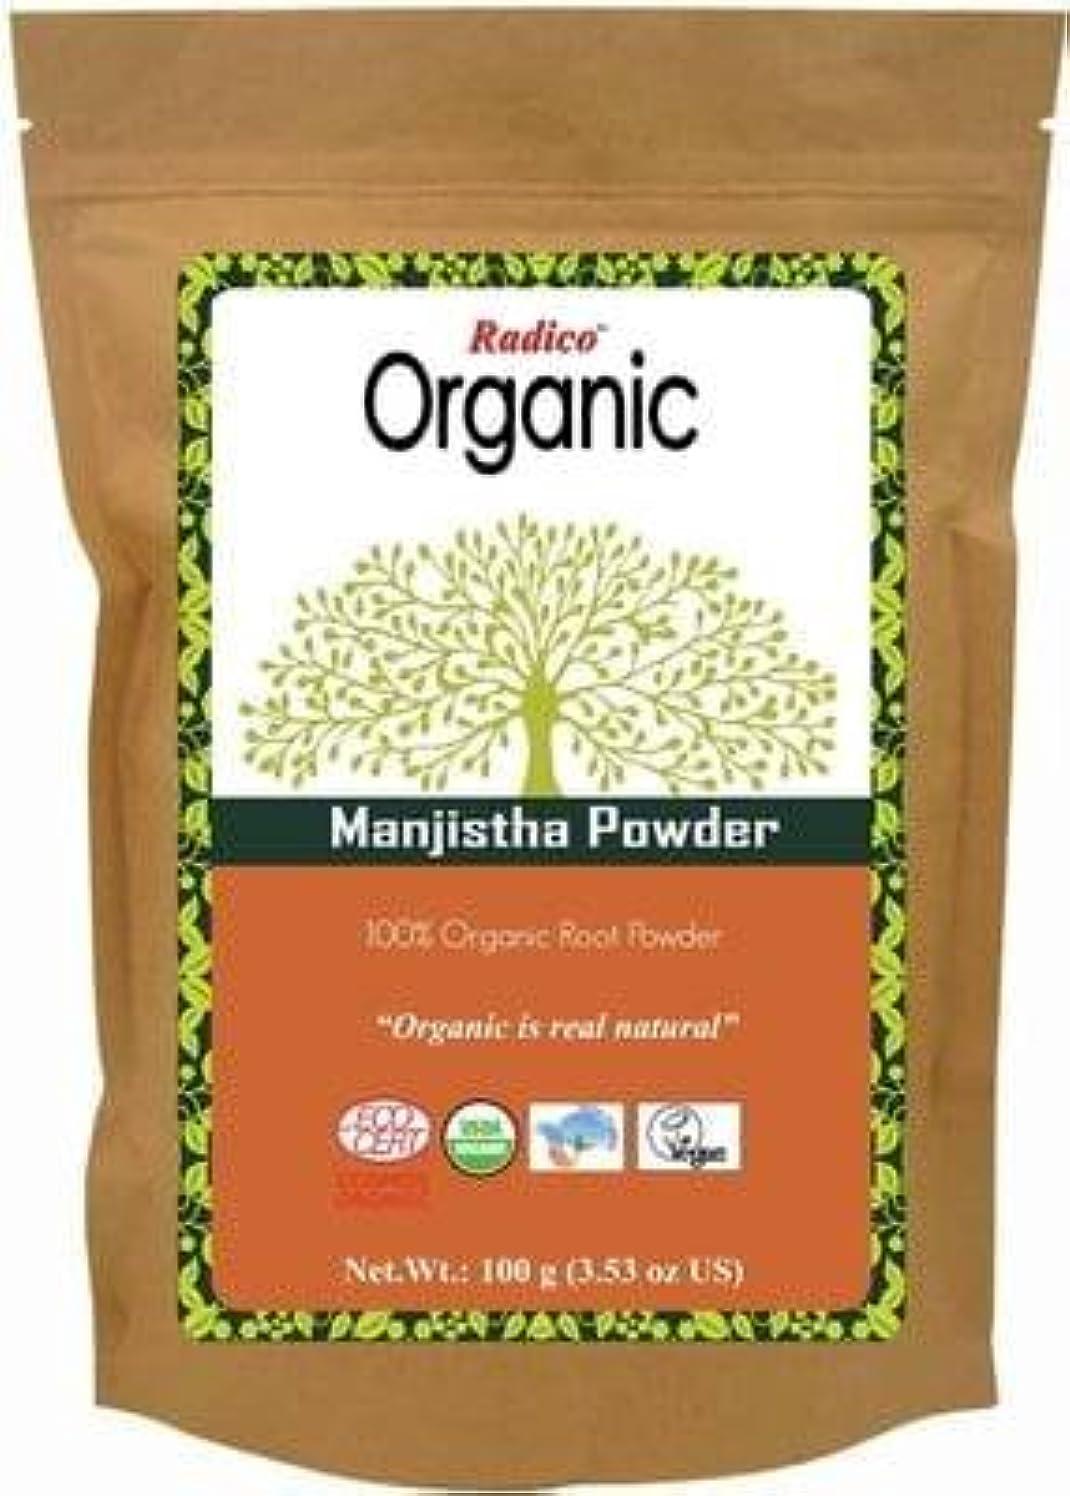 ゆりノイズ樹木RADICO - Organic Manjistha Powder - 肌に非常に効果的だが穏やか - 頭皮のためのフケとケアを扱います - 脱毛の治療に最適 - 抗菌特性 - 100 gr